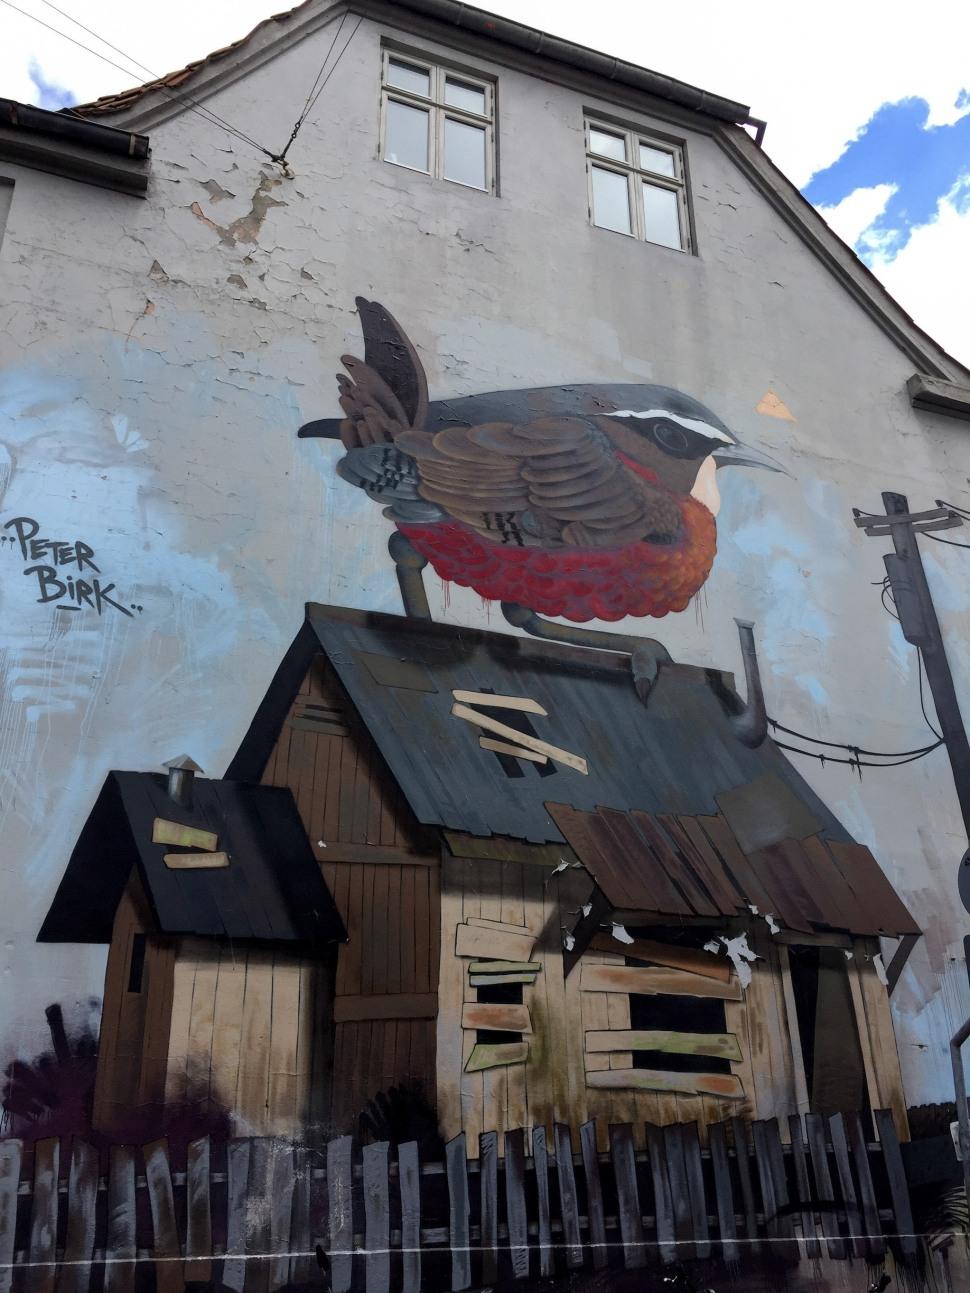 Aarhus_food_sandwich_graffiti2